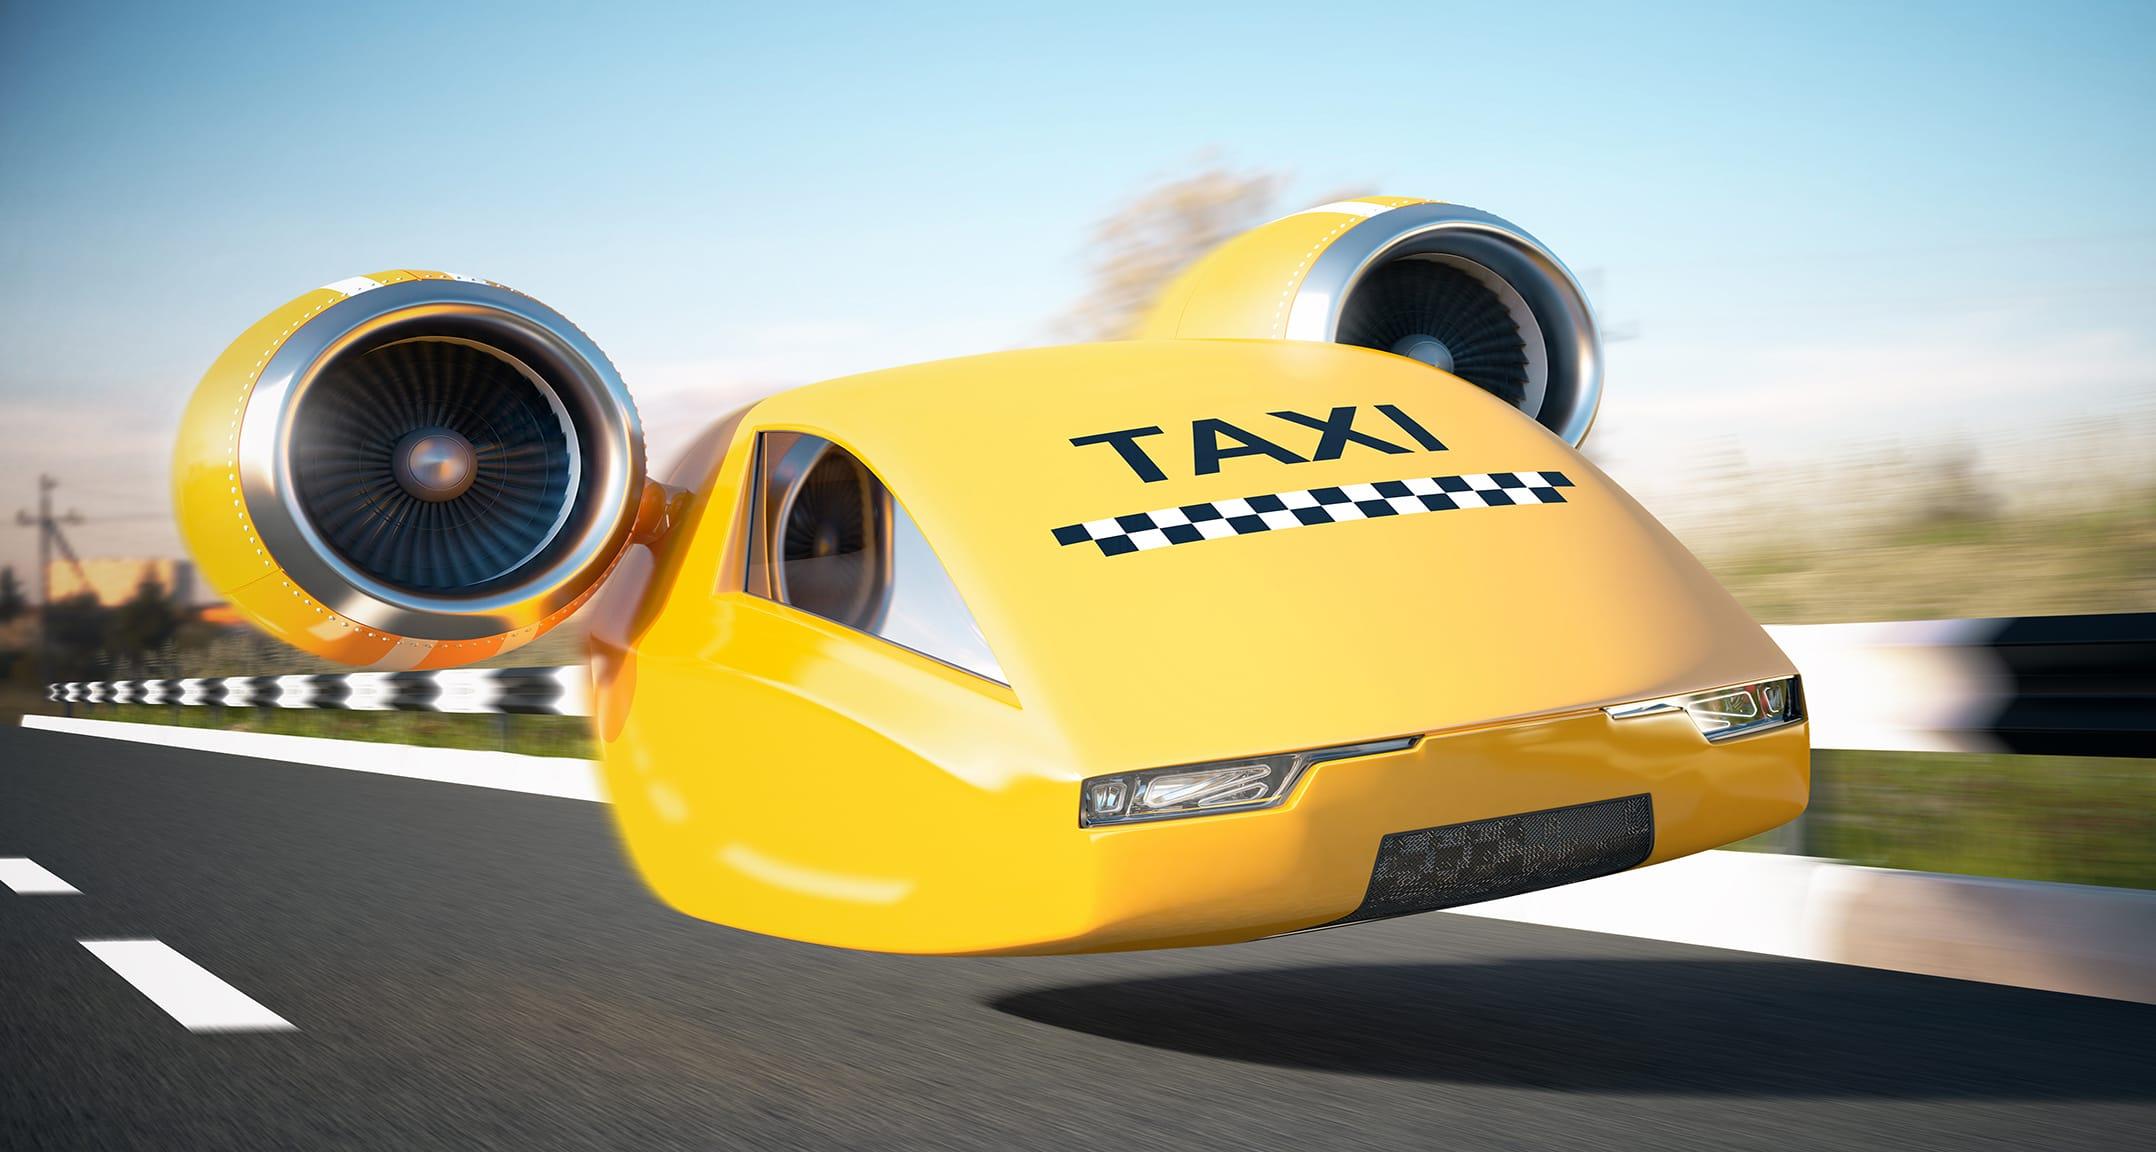 Летающее такси в дубай снять квартира в дубае